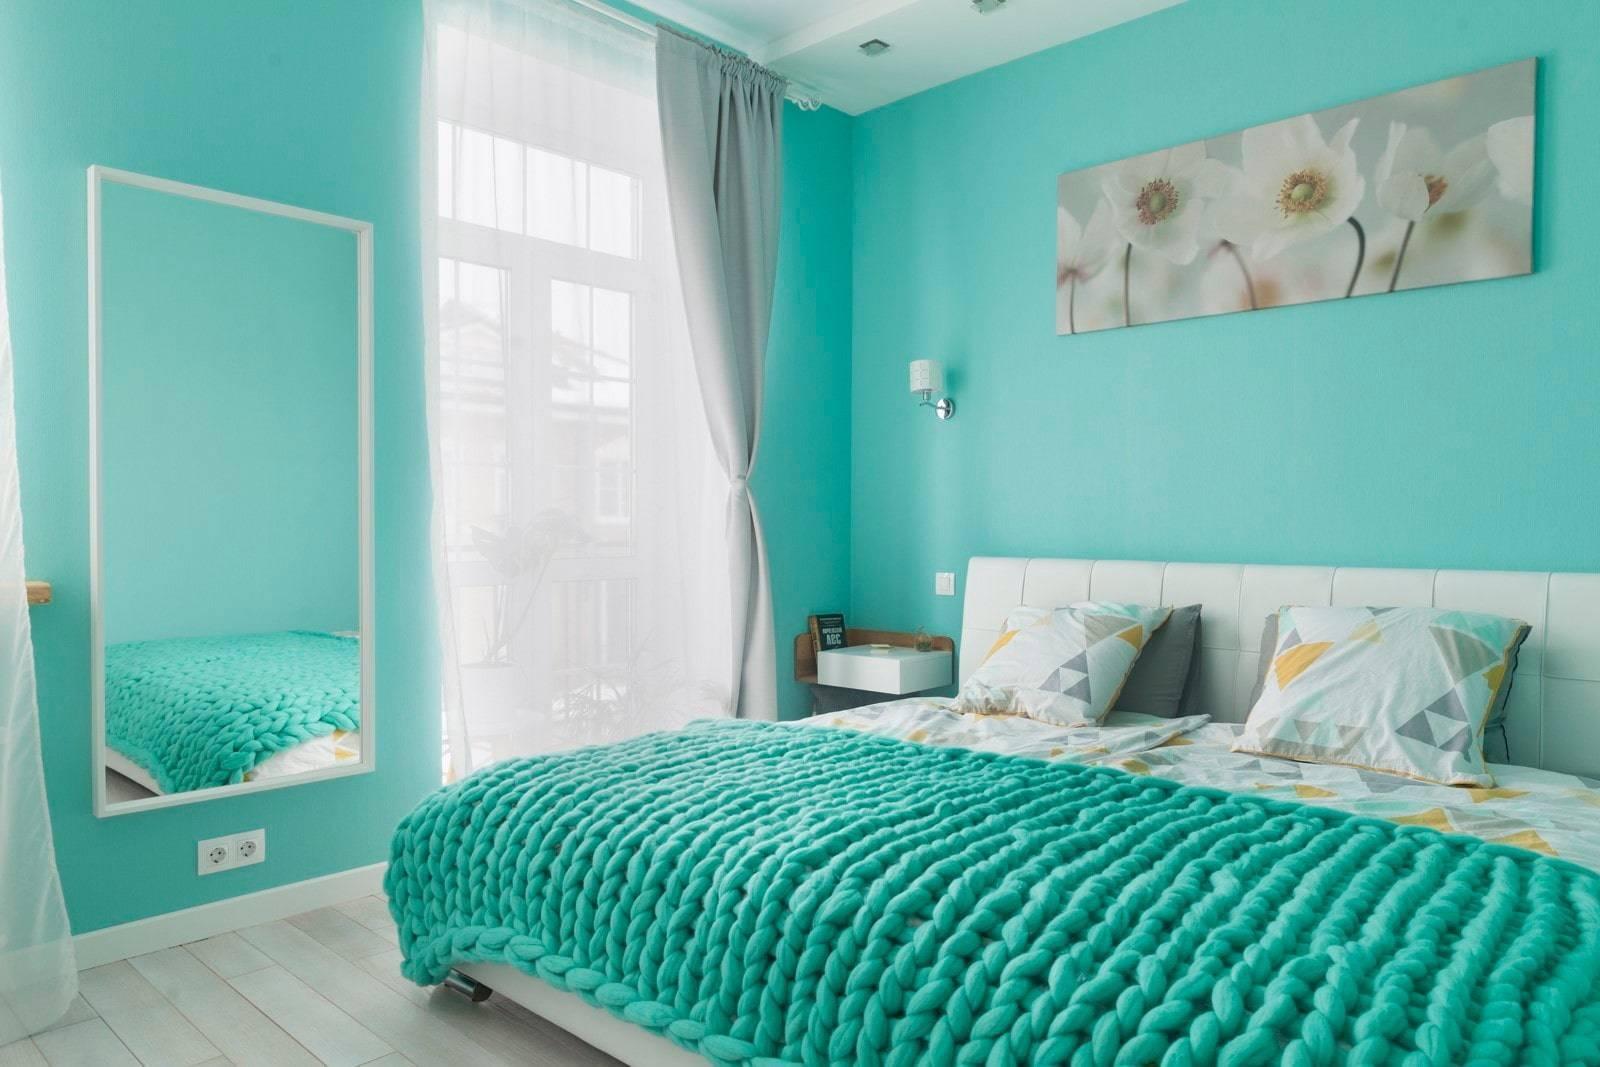 Спальня в бирюзовых тонах: интерьер, дизайн, фото